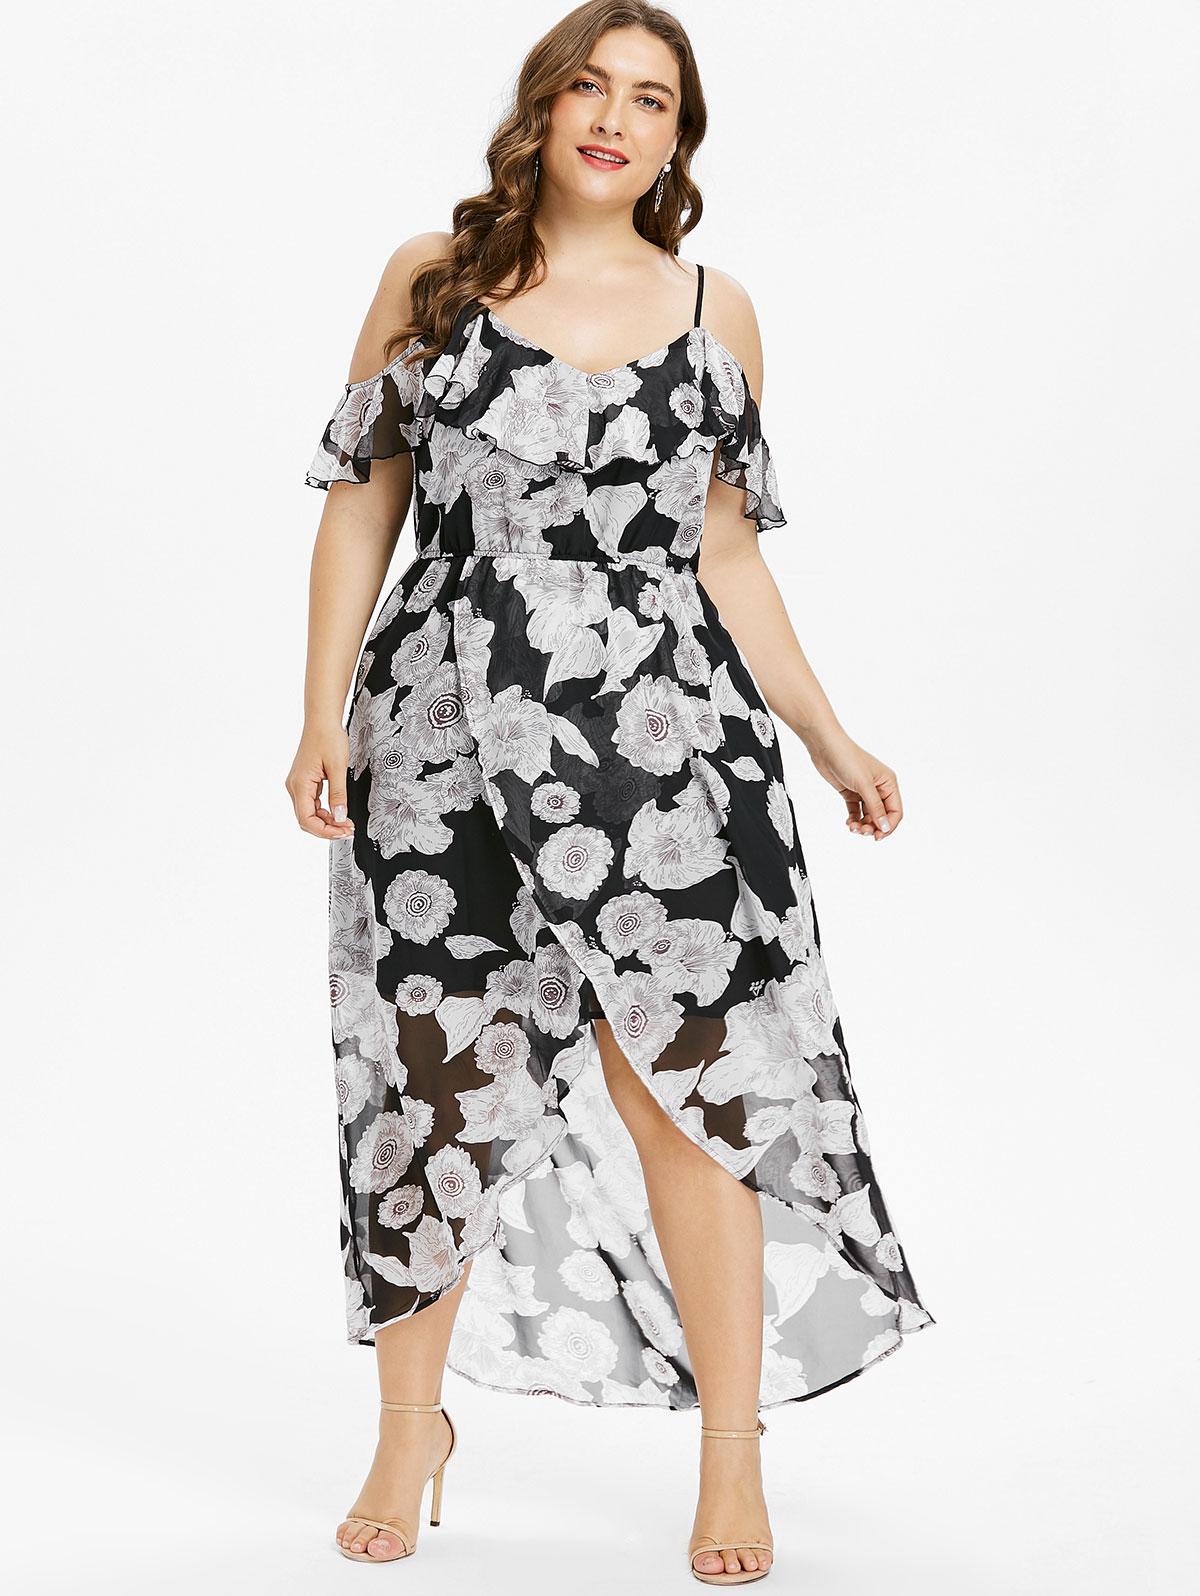 Wipalo Plus Size 5XL Floral Cold Shoulder Maxi Dress Women ...